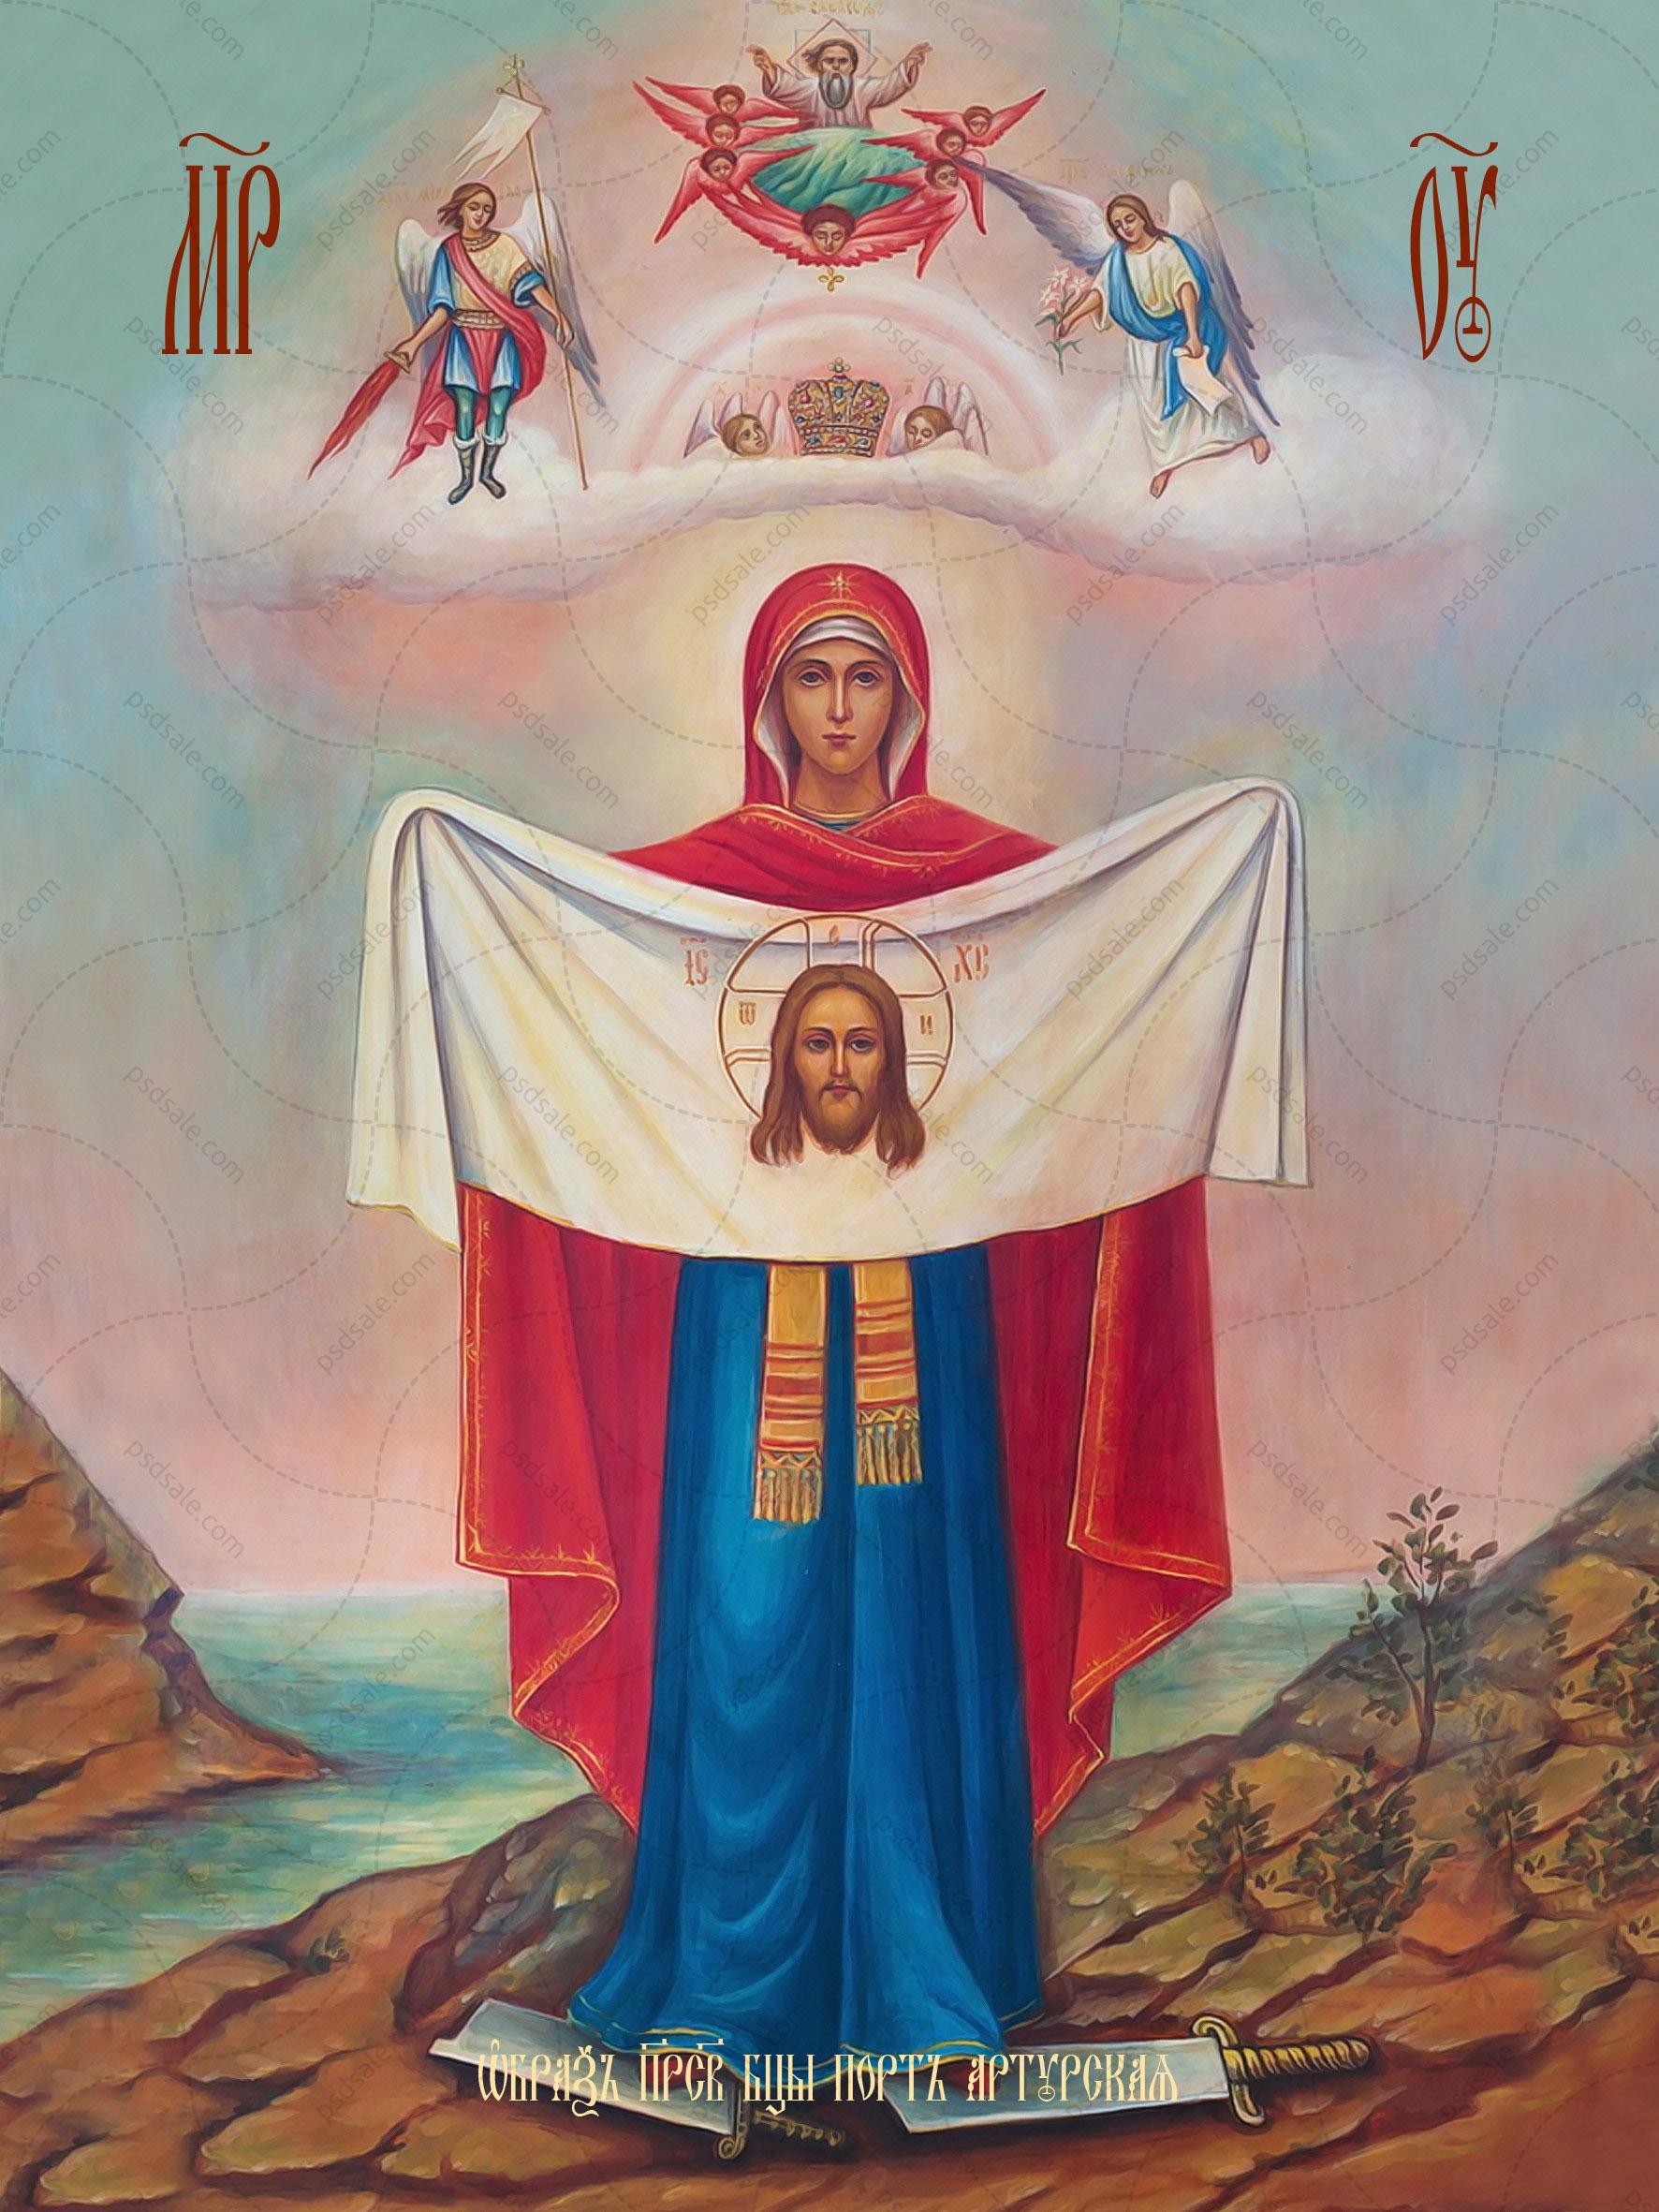 Порт-артурская икона божьей матери